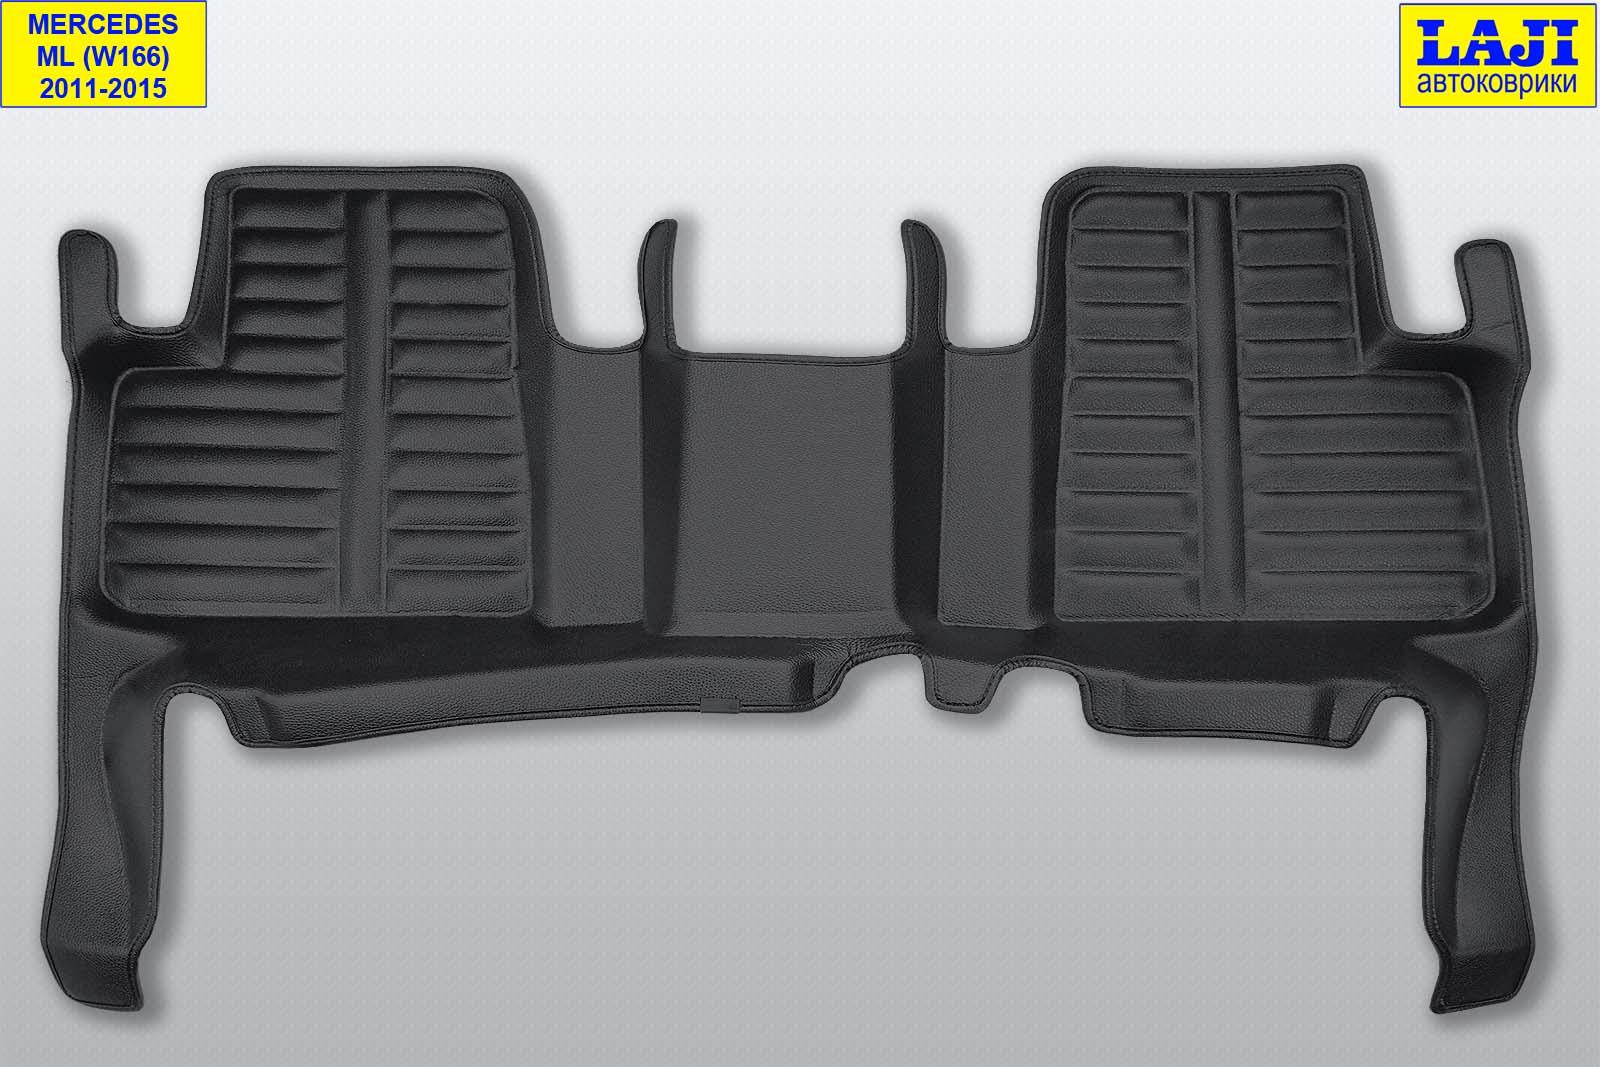 5D коврики в салон Mercedes ML W166 2011-2015 10